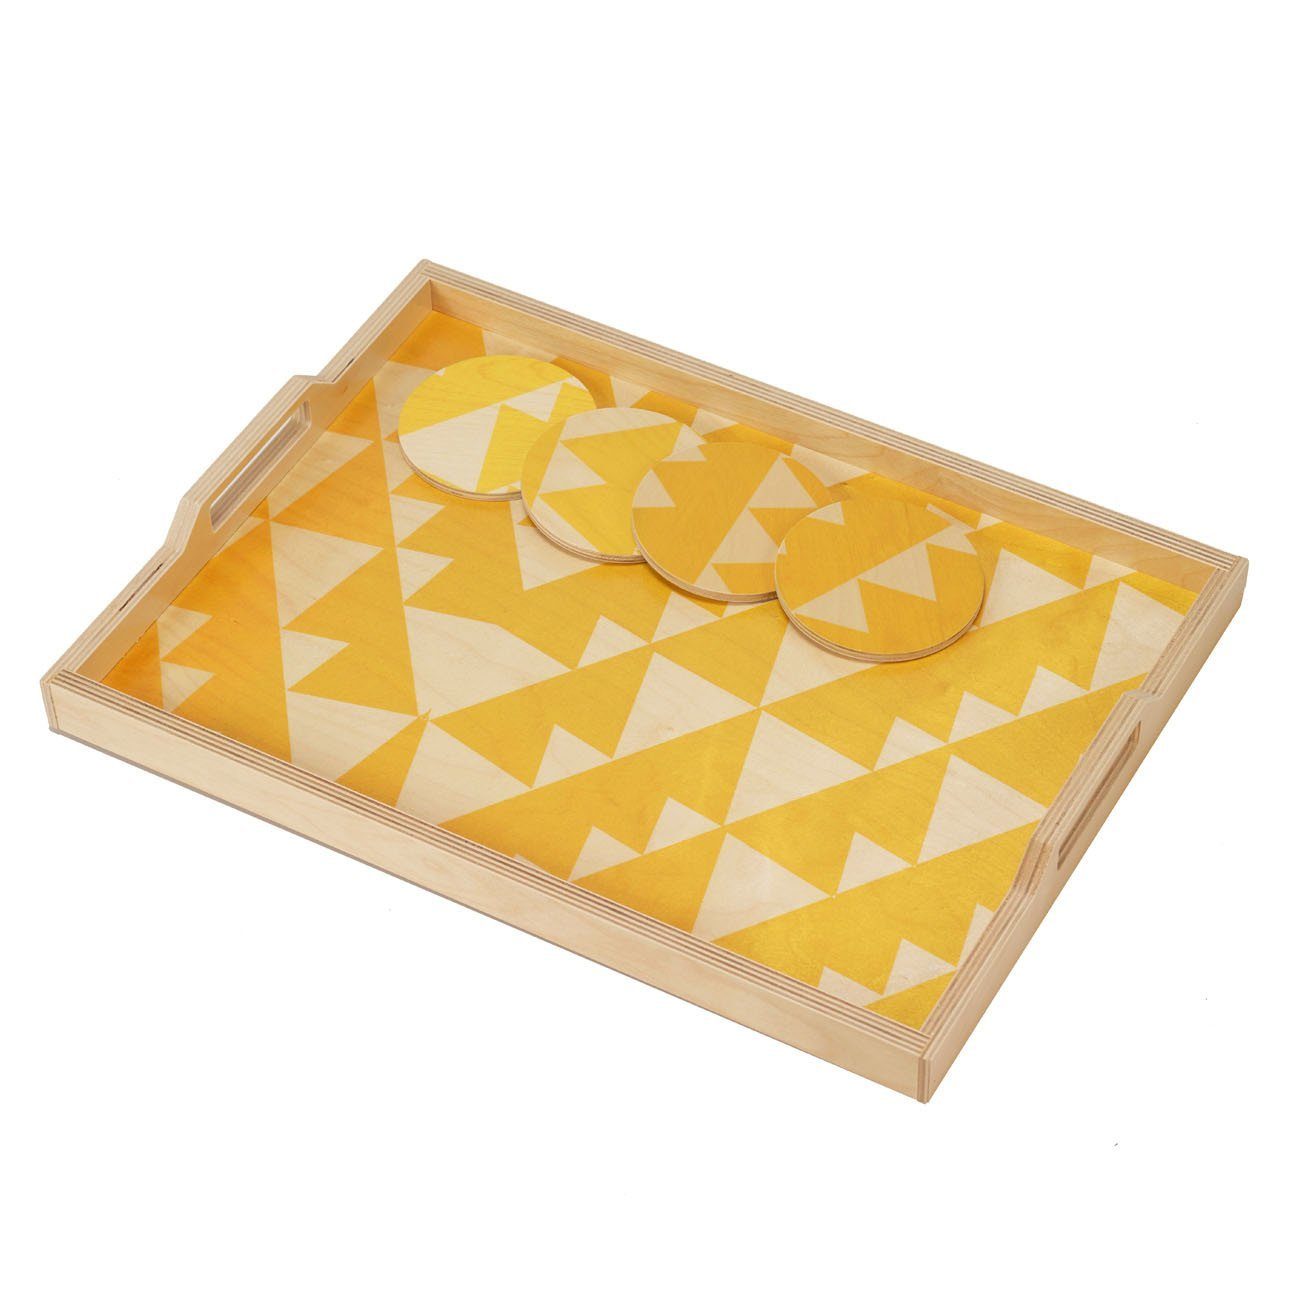 Wolfum yellow triangle tray 2